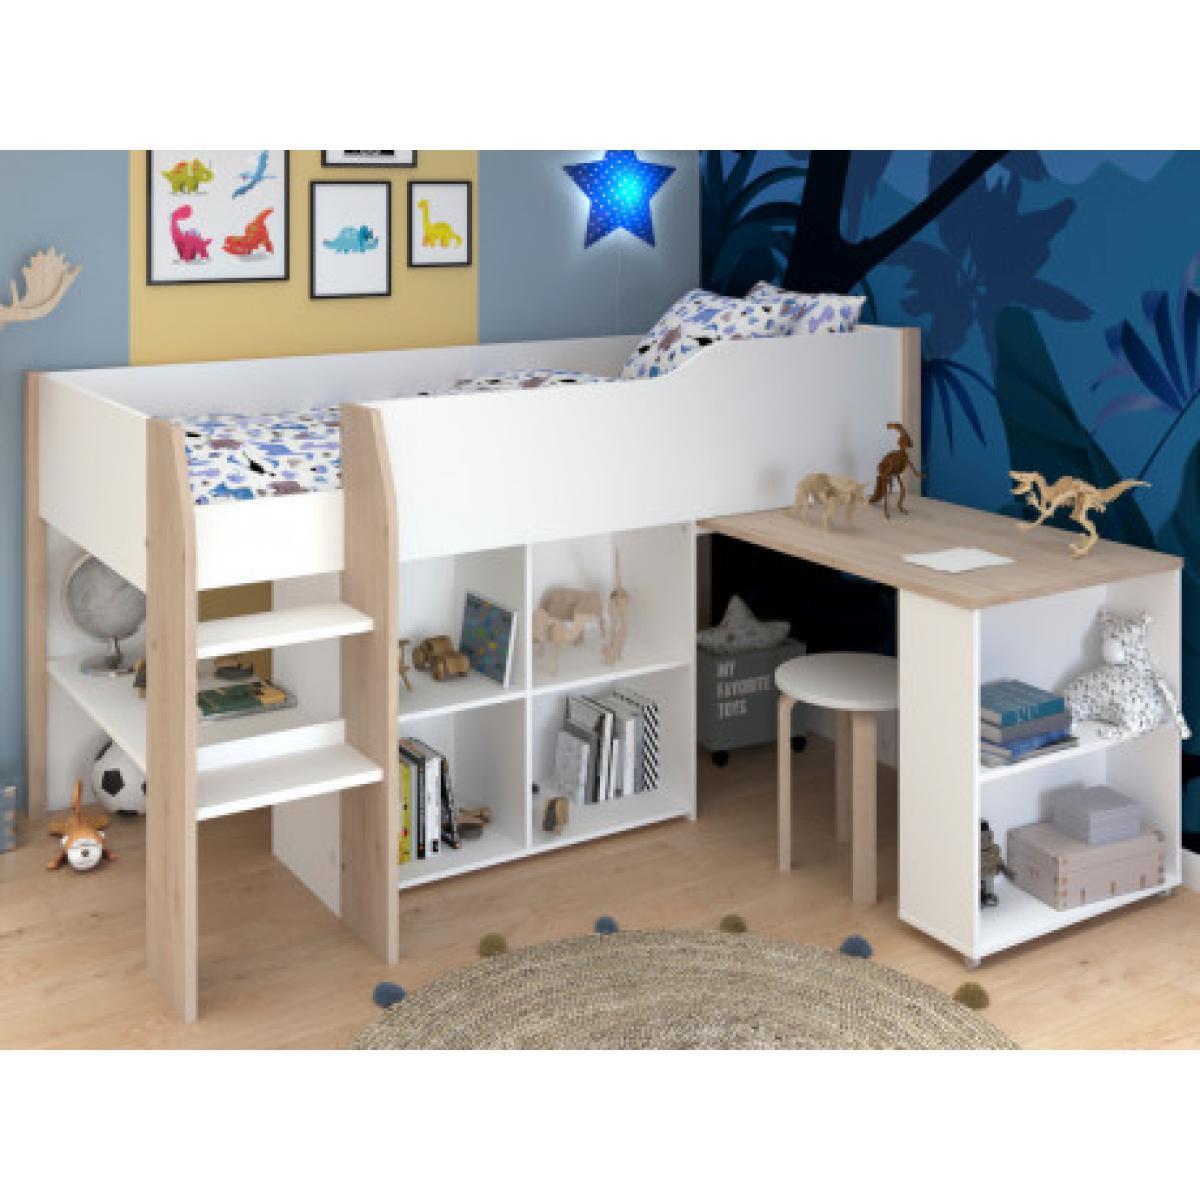 Vente-Unique Lit combiné MARIA - Avec bureau et rangements - 90 x 200 cm - Coloris : blanc et chêne